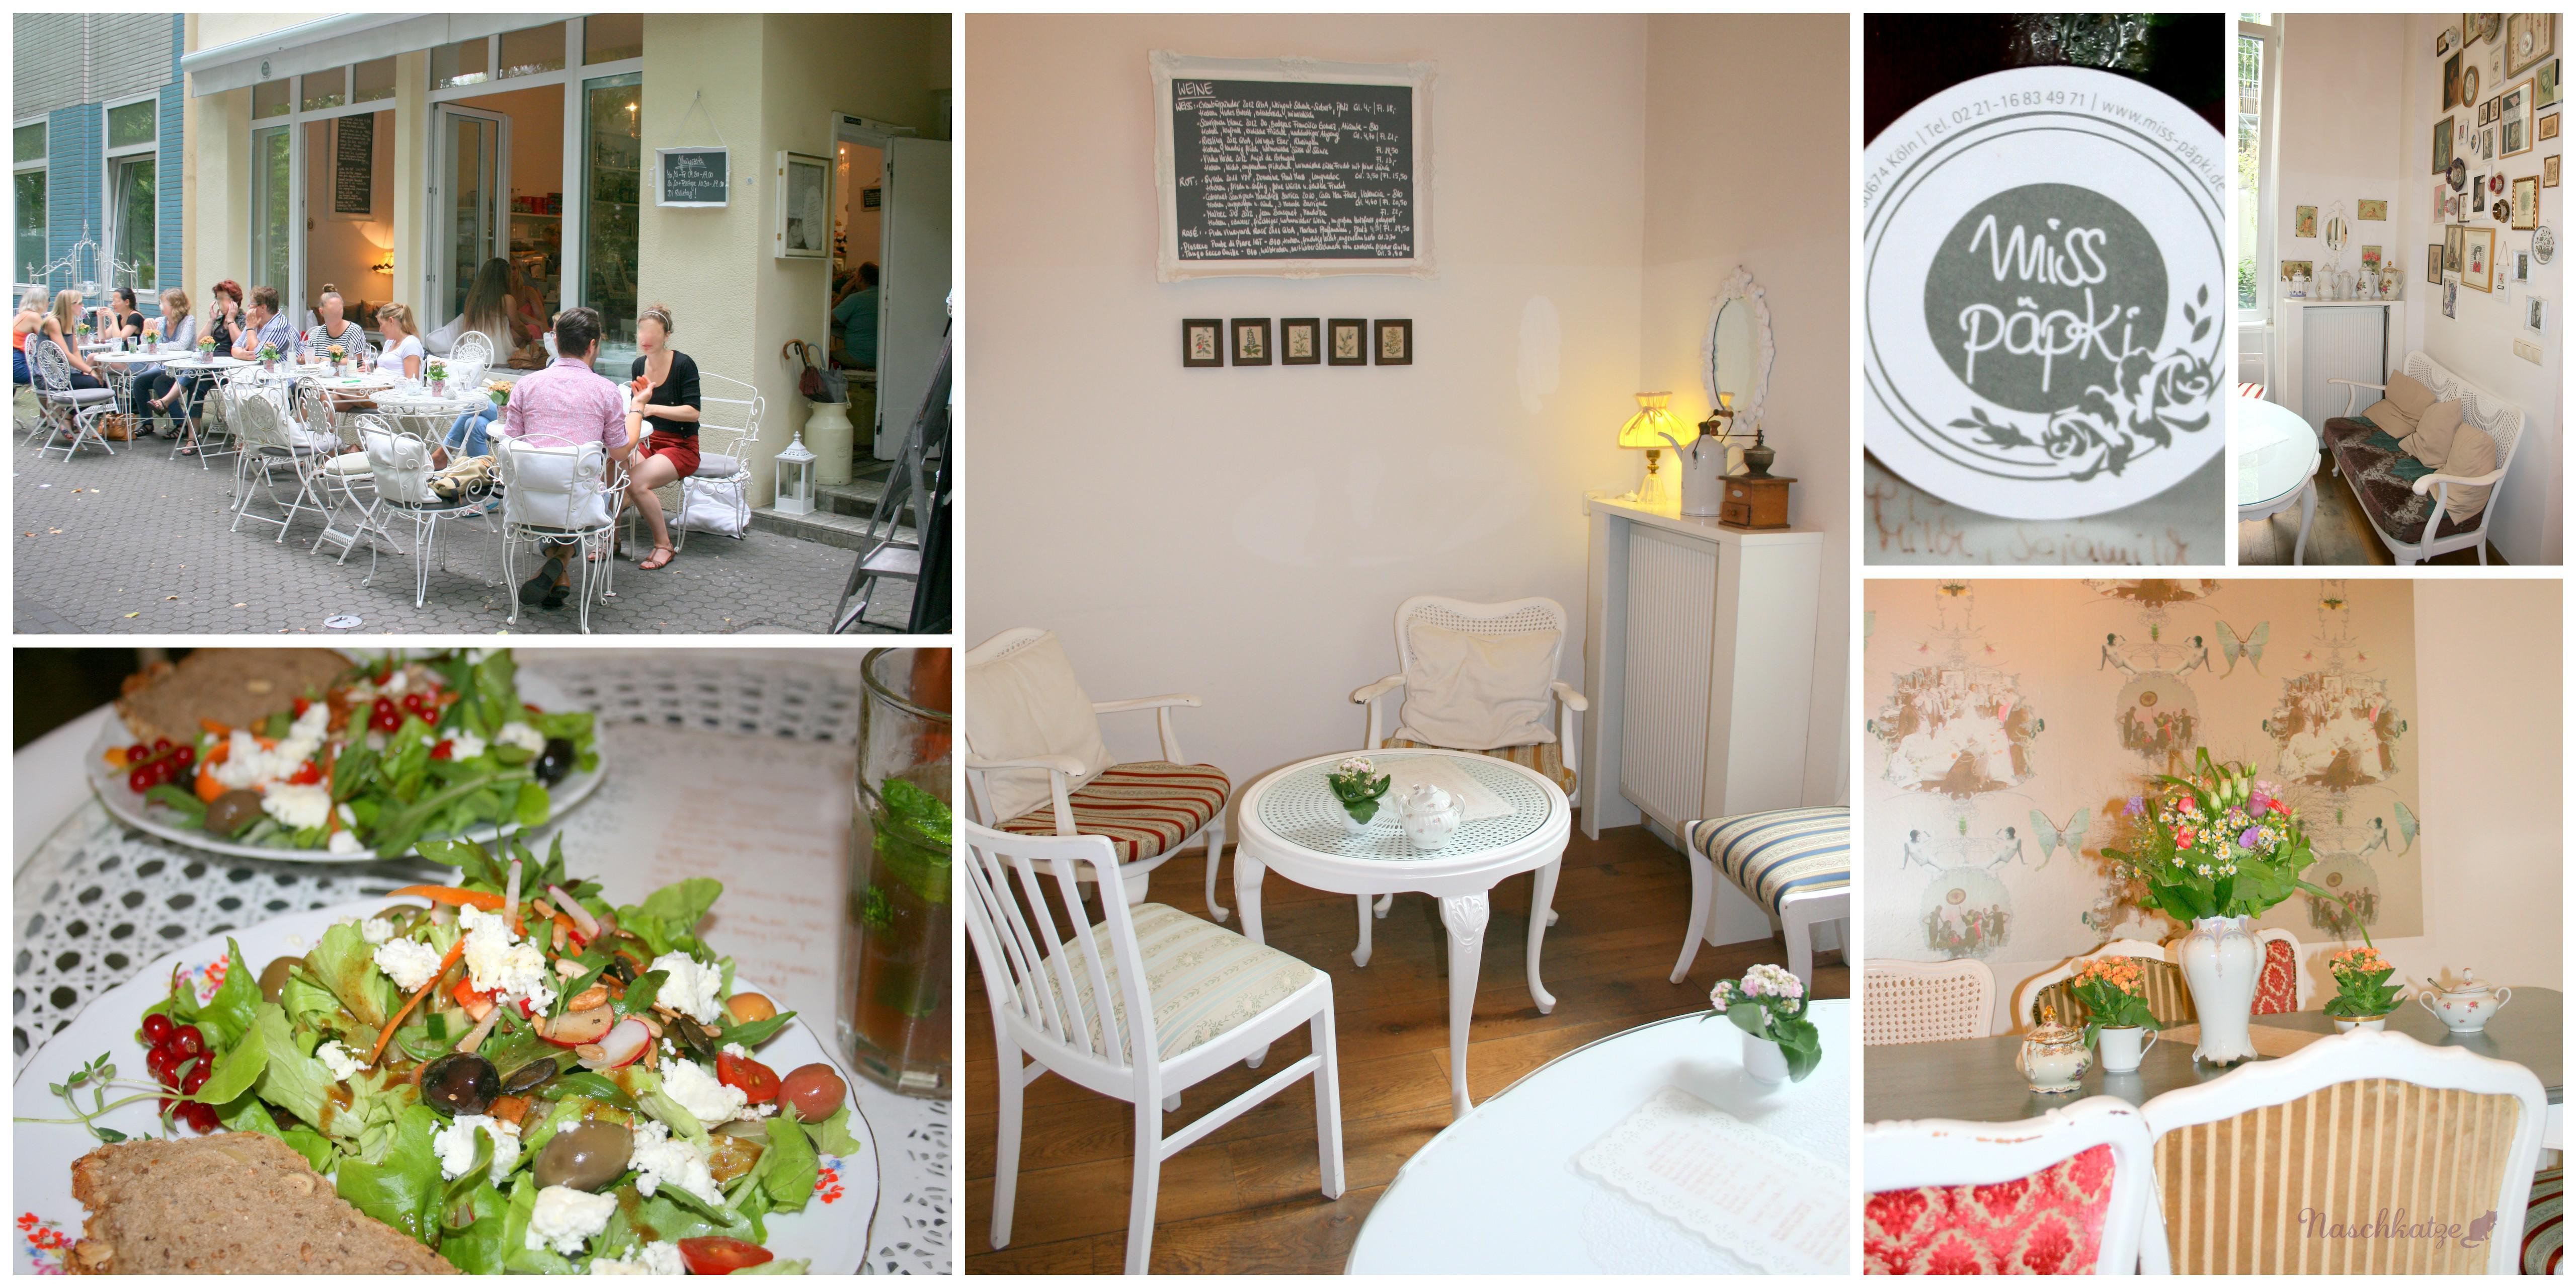 3 Streifzüge durch Köln – Tag 1: Hippe Cafés, viele tolle ...